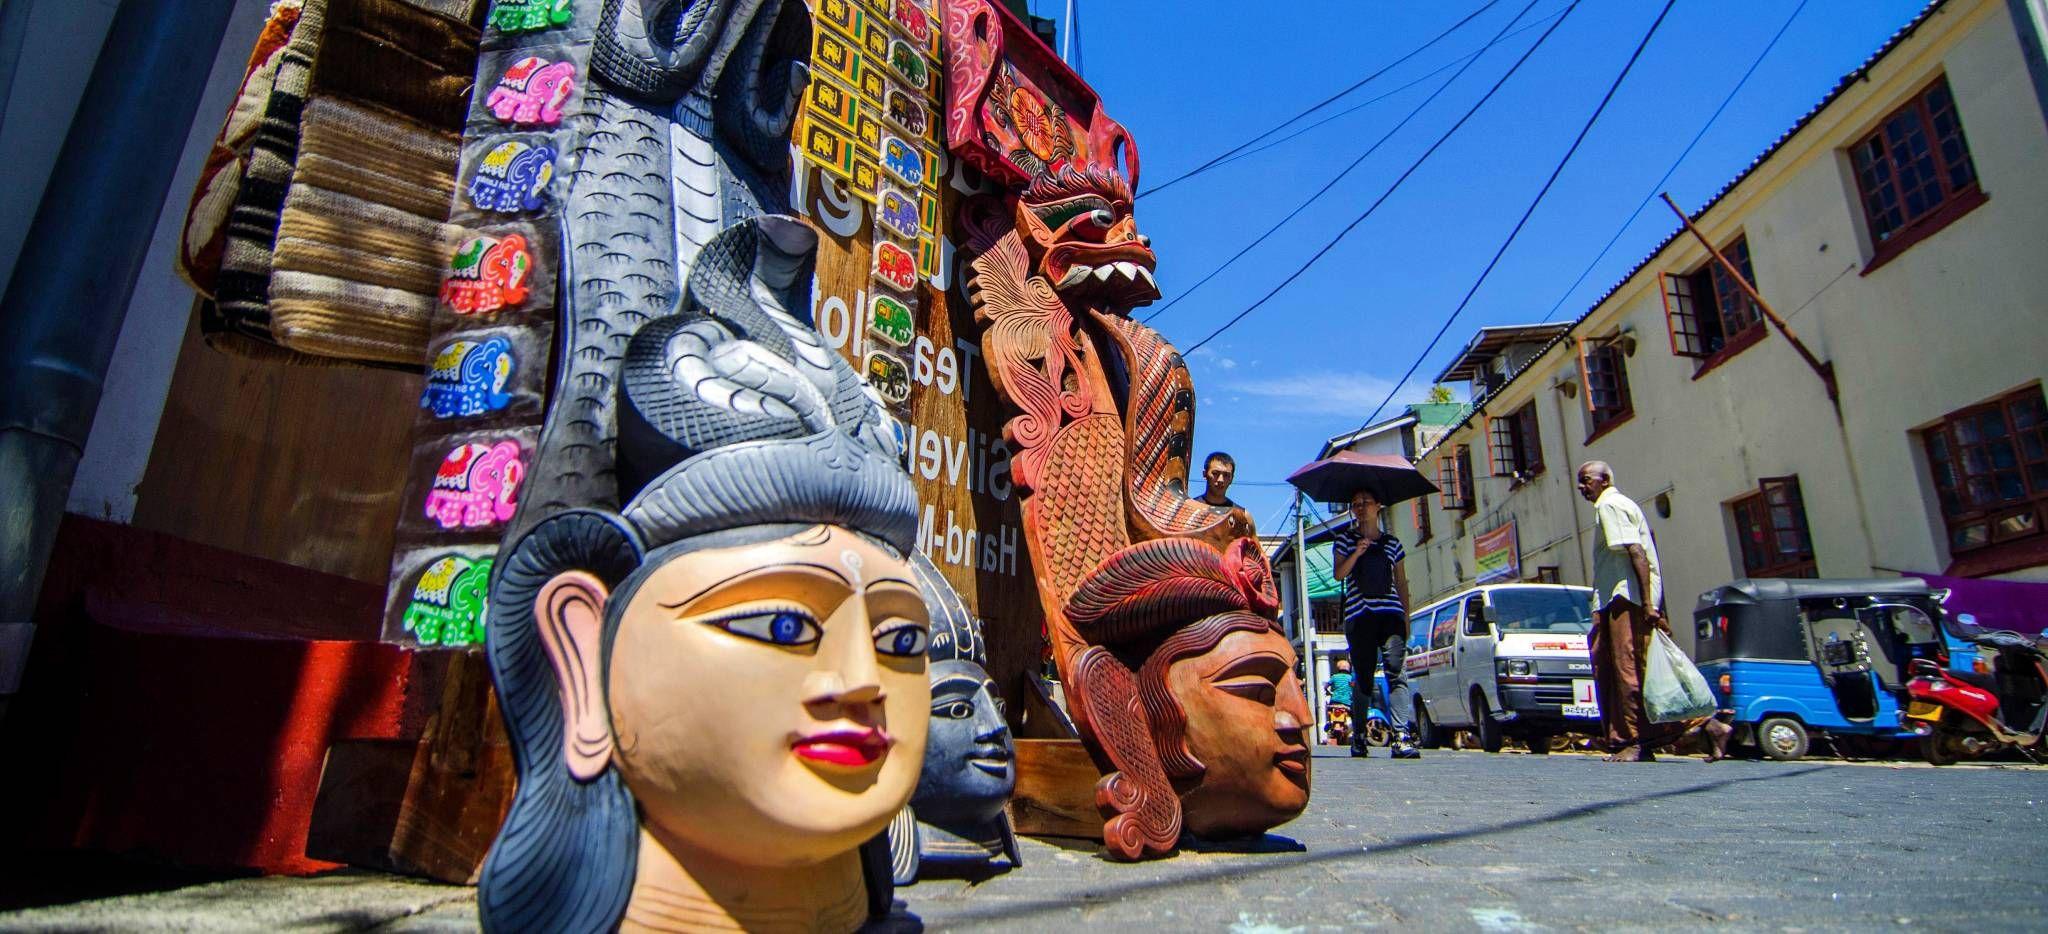 Großer Kopf vor einem Laden in Colombo, Sri Lanka